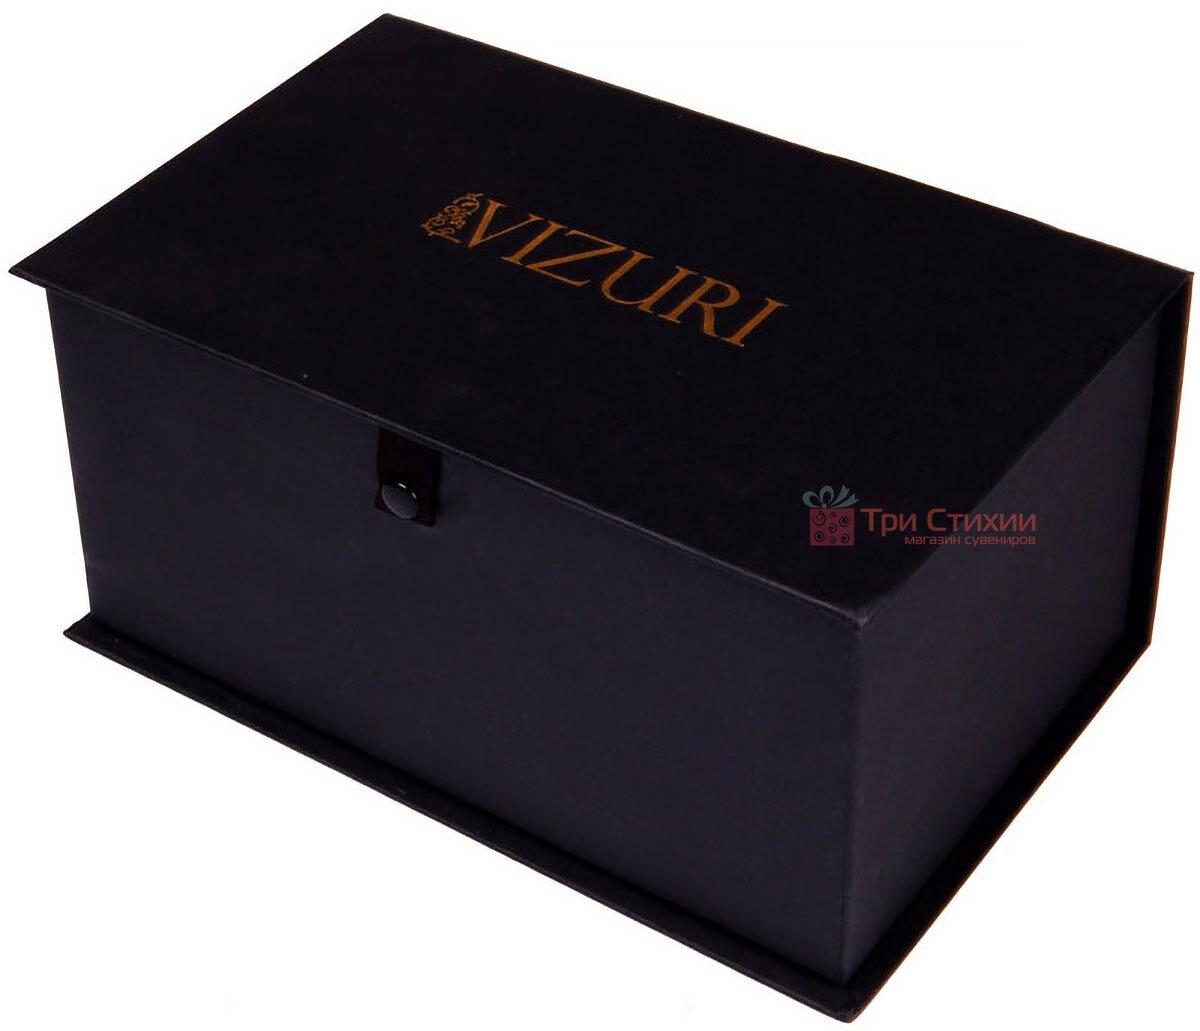 Статуэтка из бронзы «Звезда покера» Vizuri (Визури) H05, фото 5